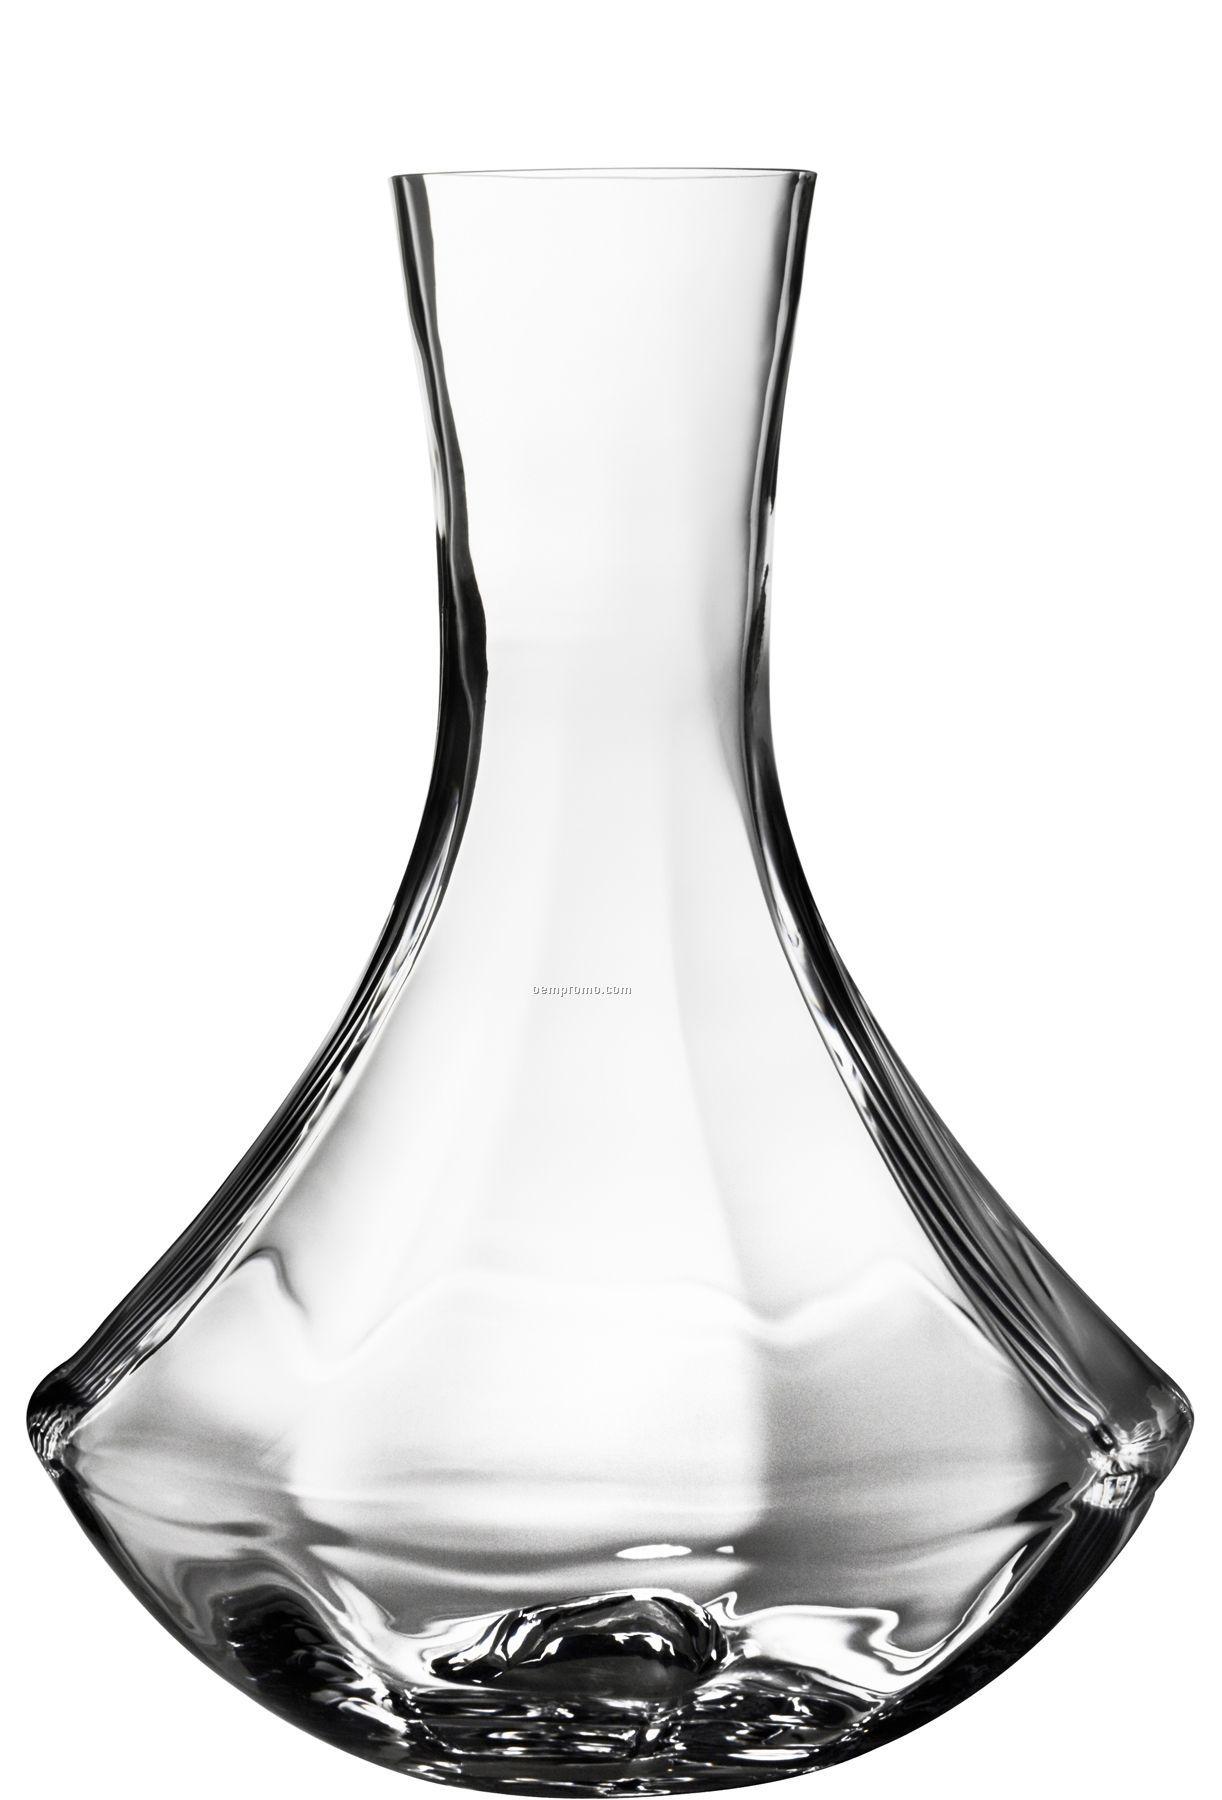 Linne Glass Carafe W/ Flared Base By Goran Warff